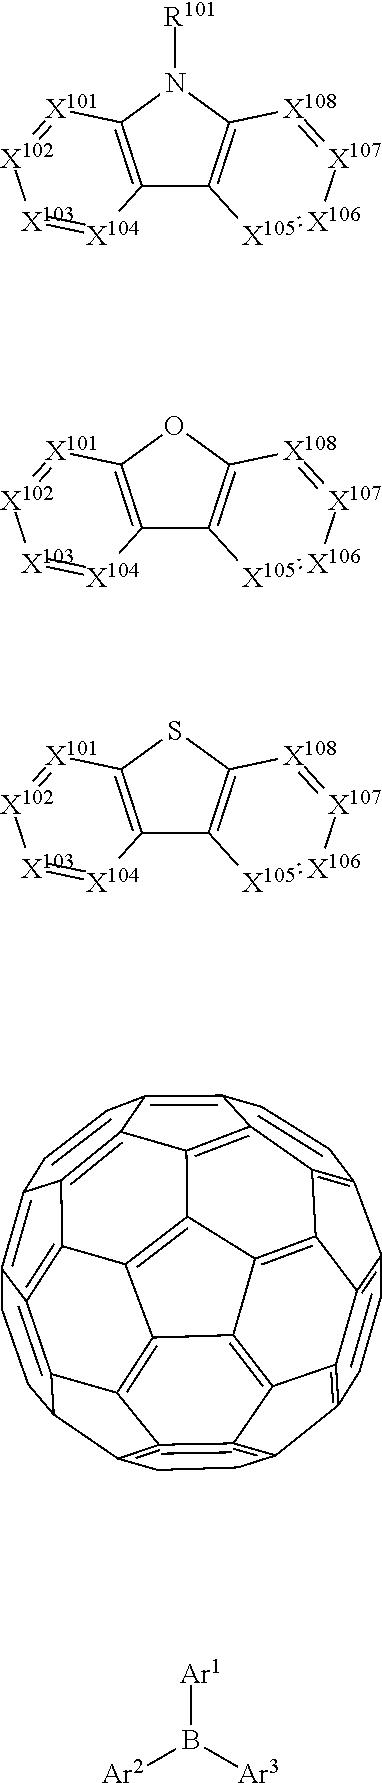 Figure US09711730-20170718-C00062